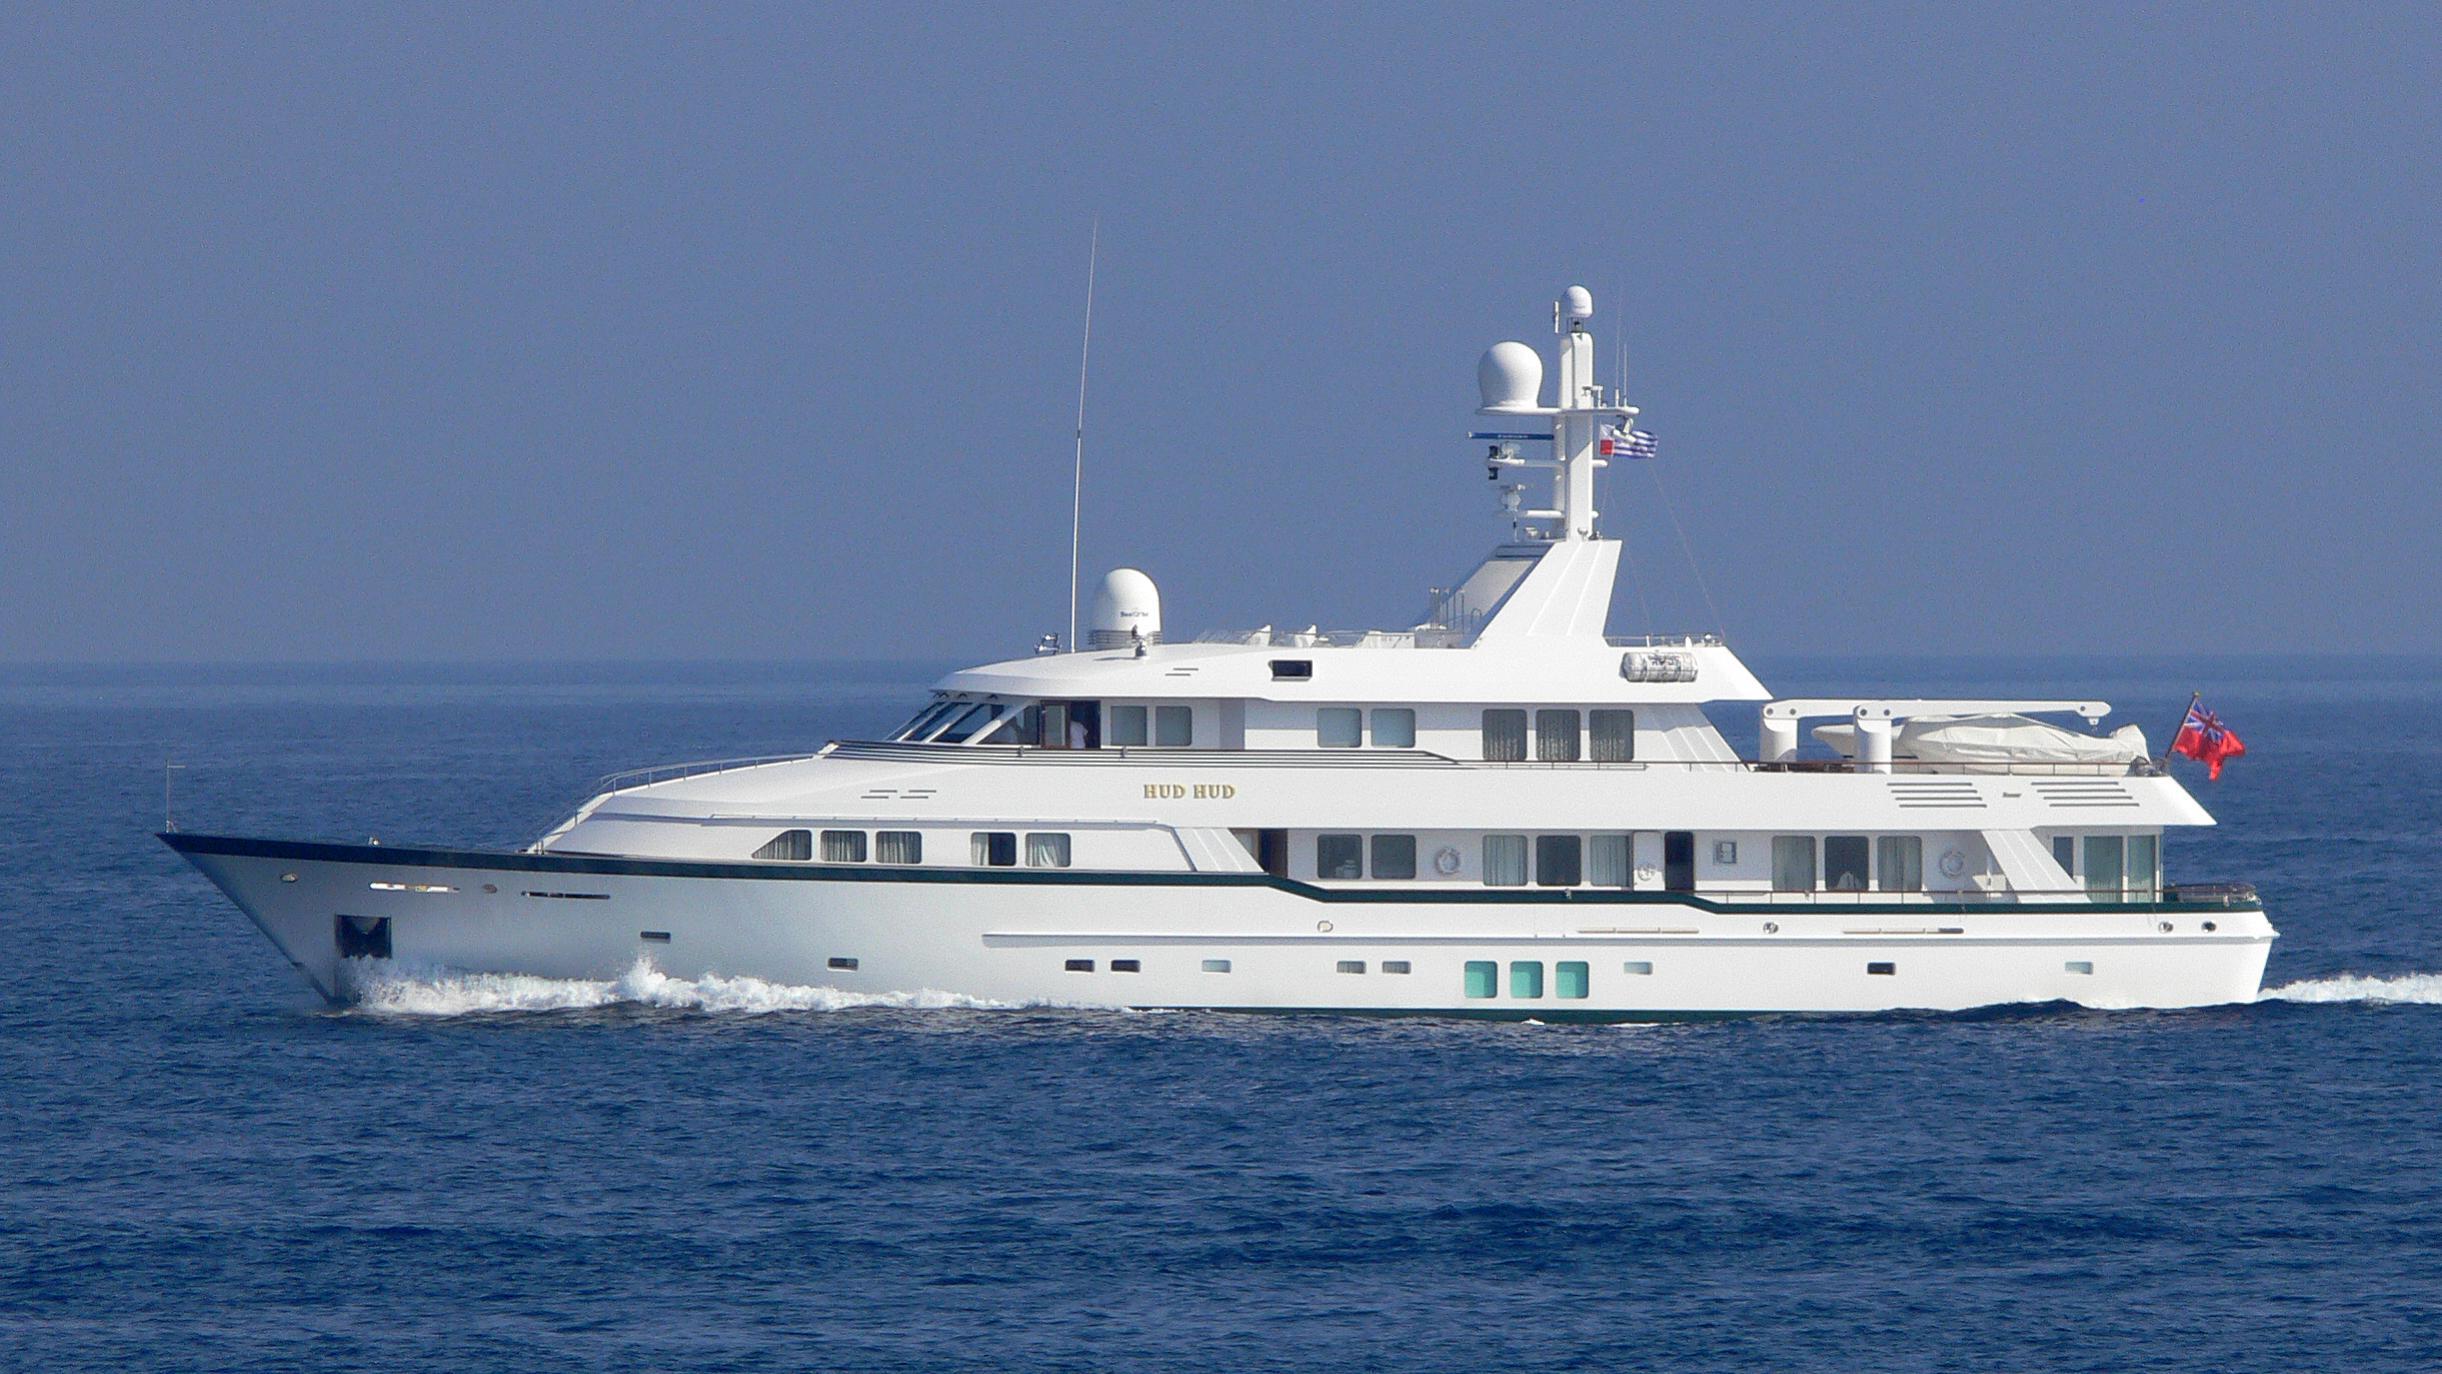 hud-hud-yacht-exterior